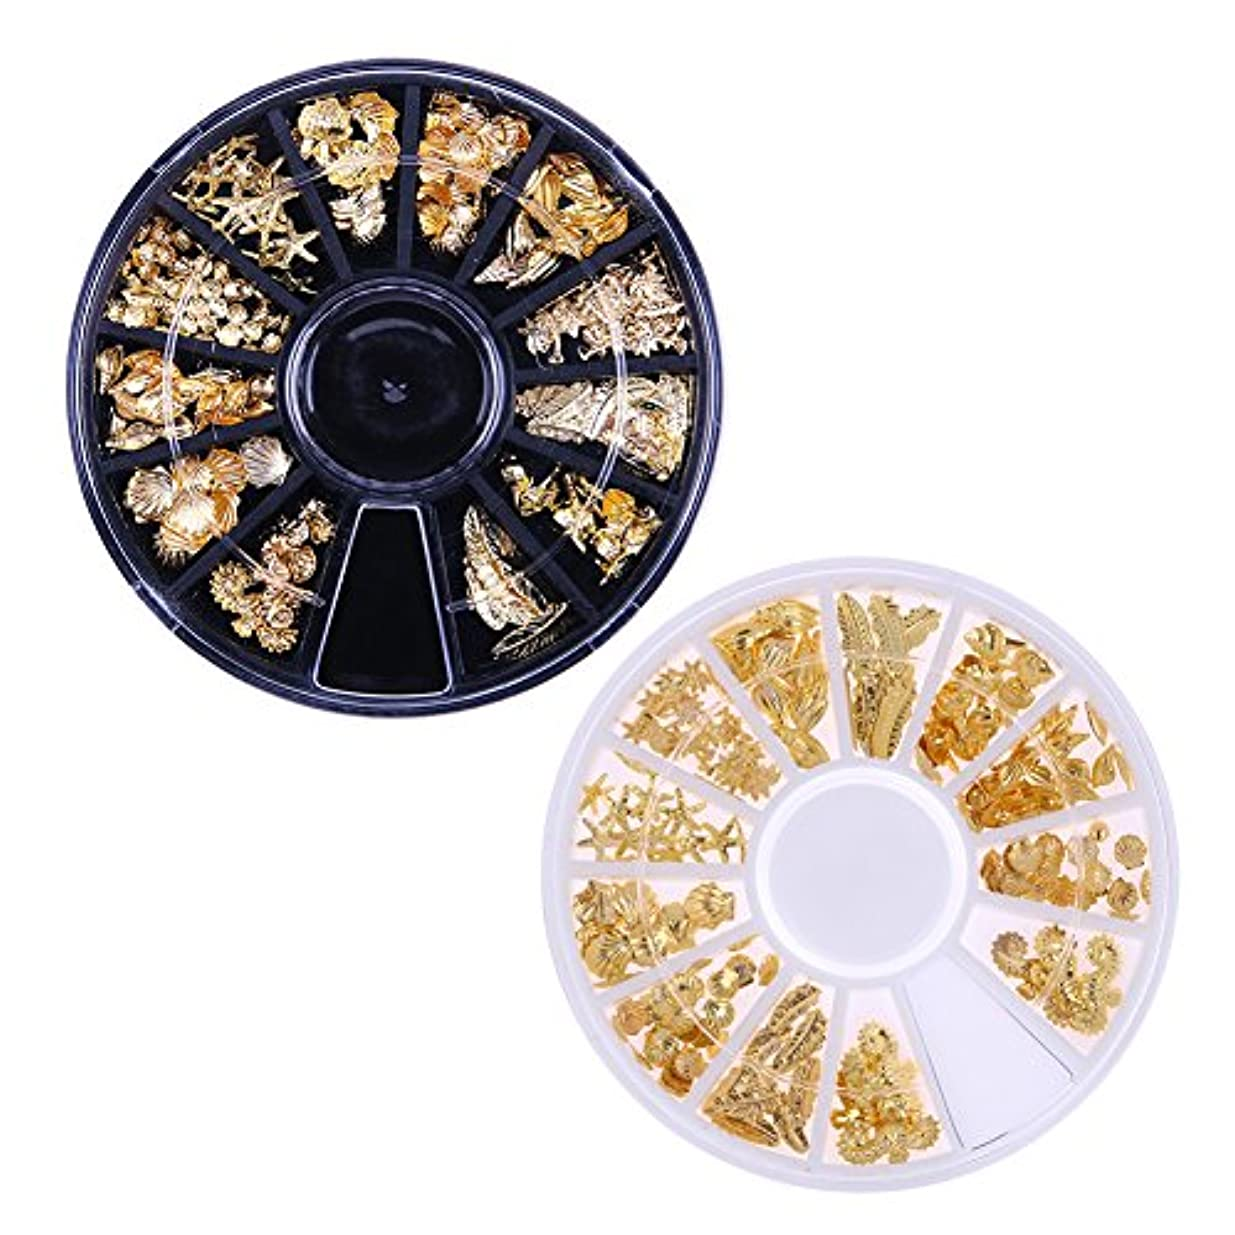 ローストパターン風が強いDemiawaking 3D ネイルパーツ メタル ゴールド 海テーマ(貝殻/海馬/海星など) 12種形 ネイルデコレーション ラウンドケース入リ 2ケース